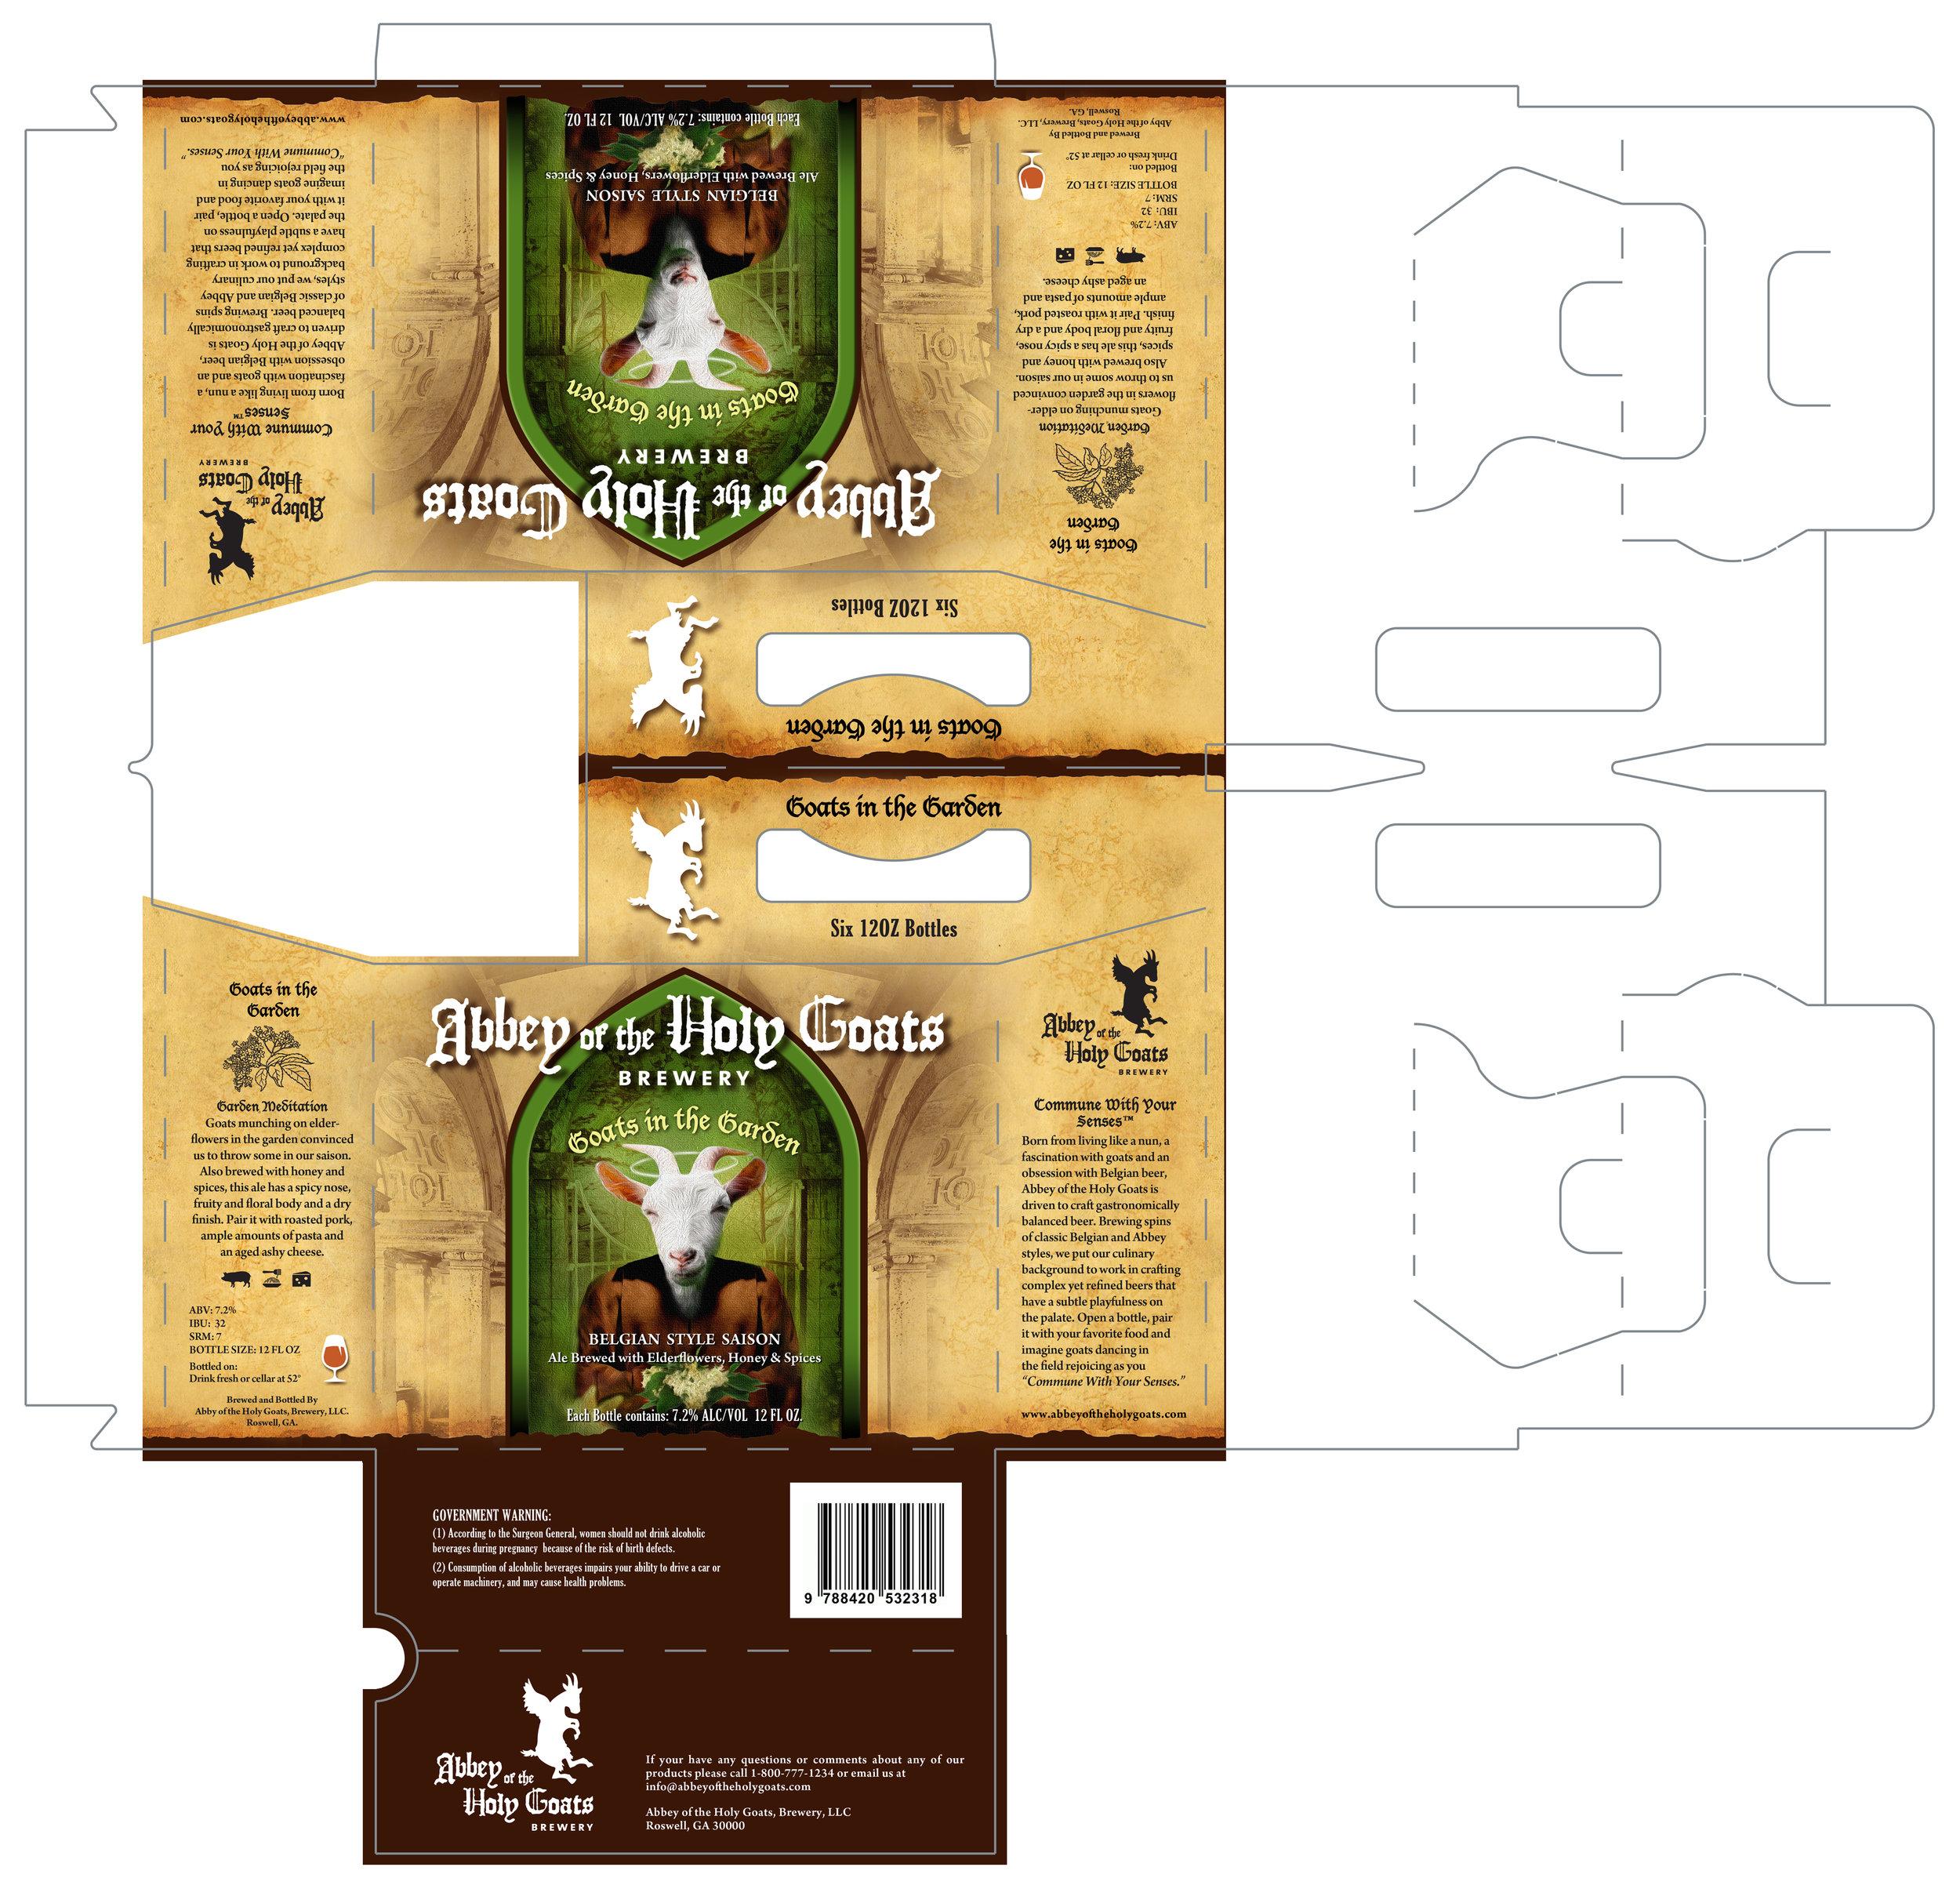 6_Pk_Beer_Carrier_Goats_in_the_Garden_v1.jpg